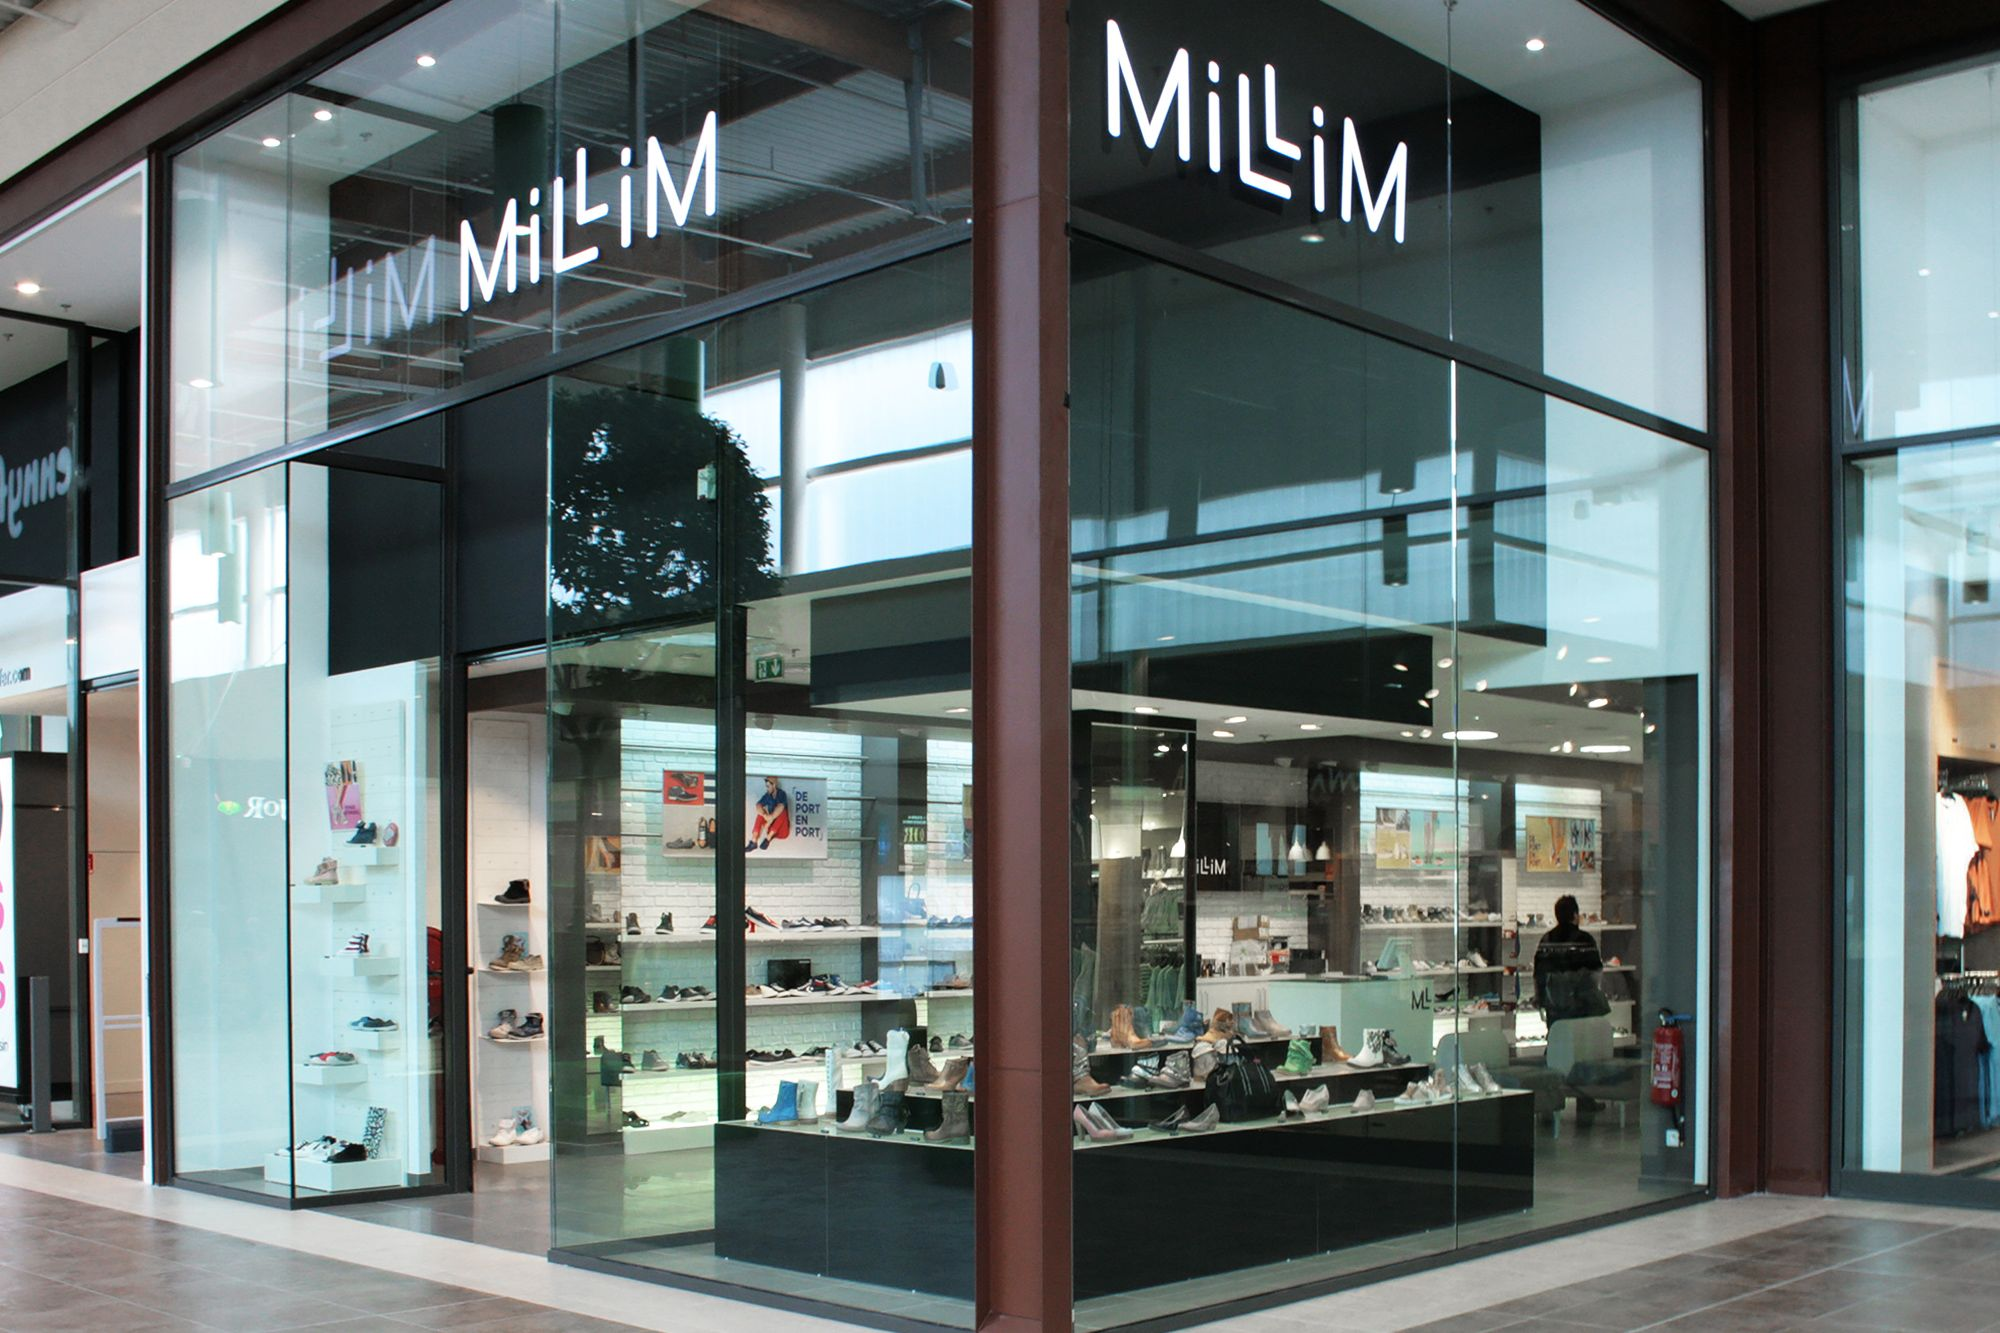 Le Havre Millim Retail Pinterest Boutique And Retail # Muebles Boutique Srl